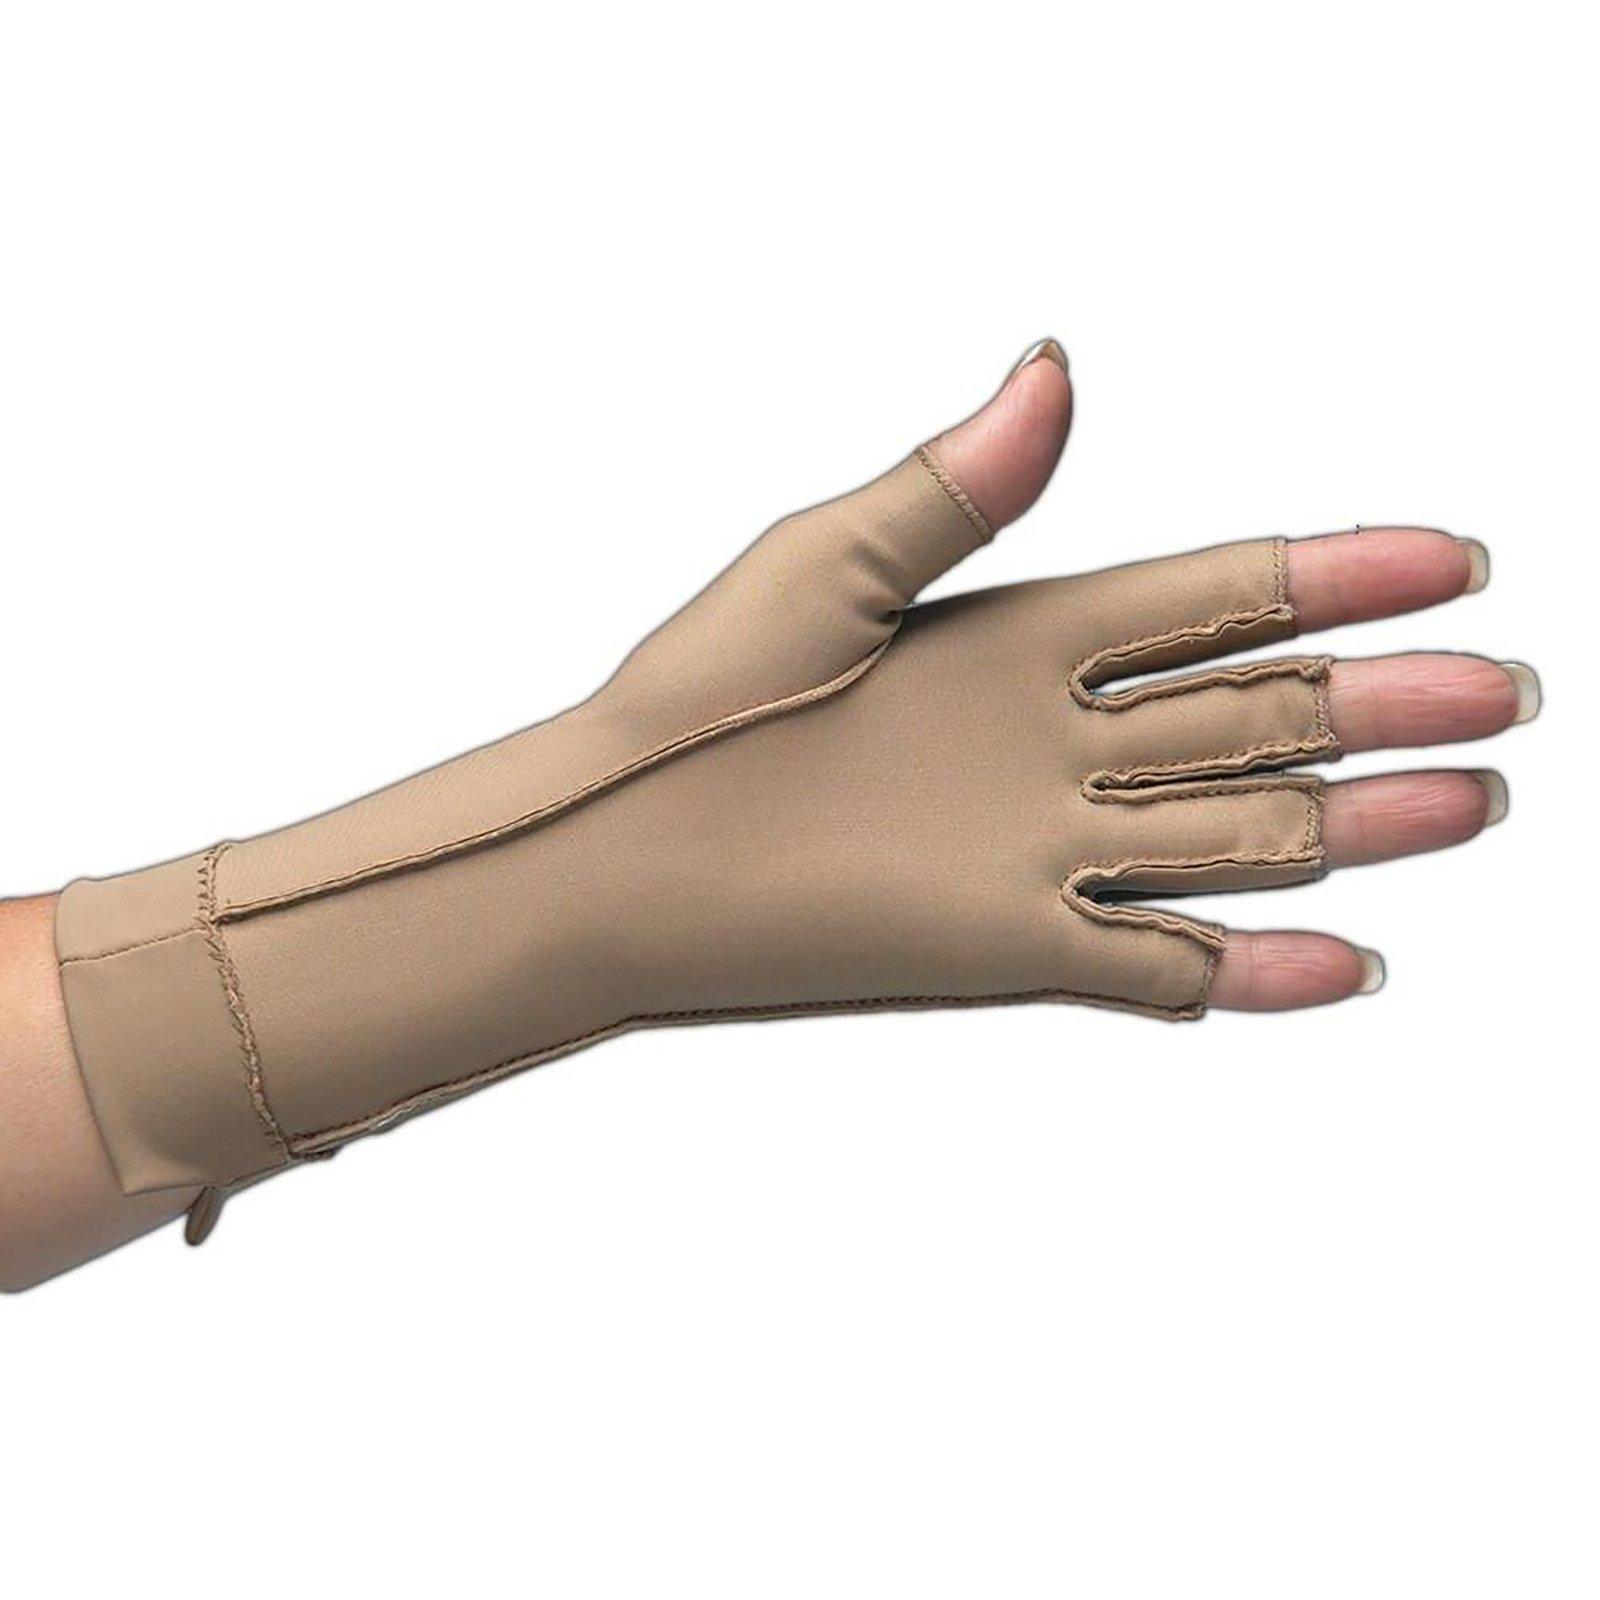 Isotoner Therapeutic Glove, Open Finger Compression Glove, 23-32 mmHg, Left, X-Small